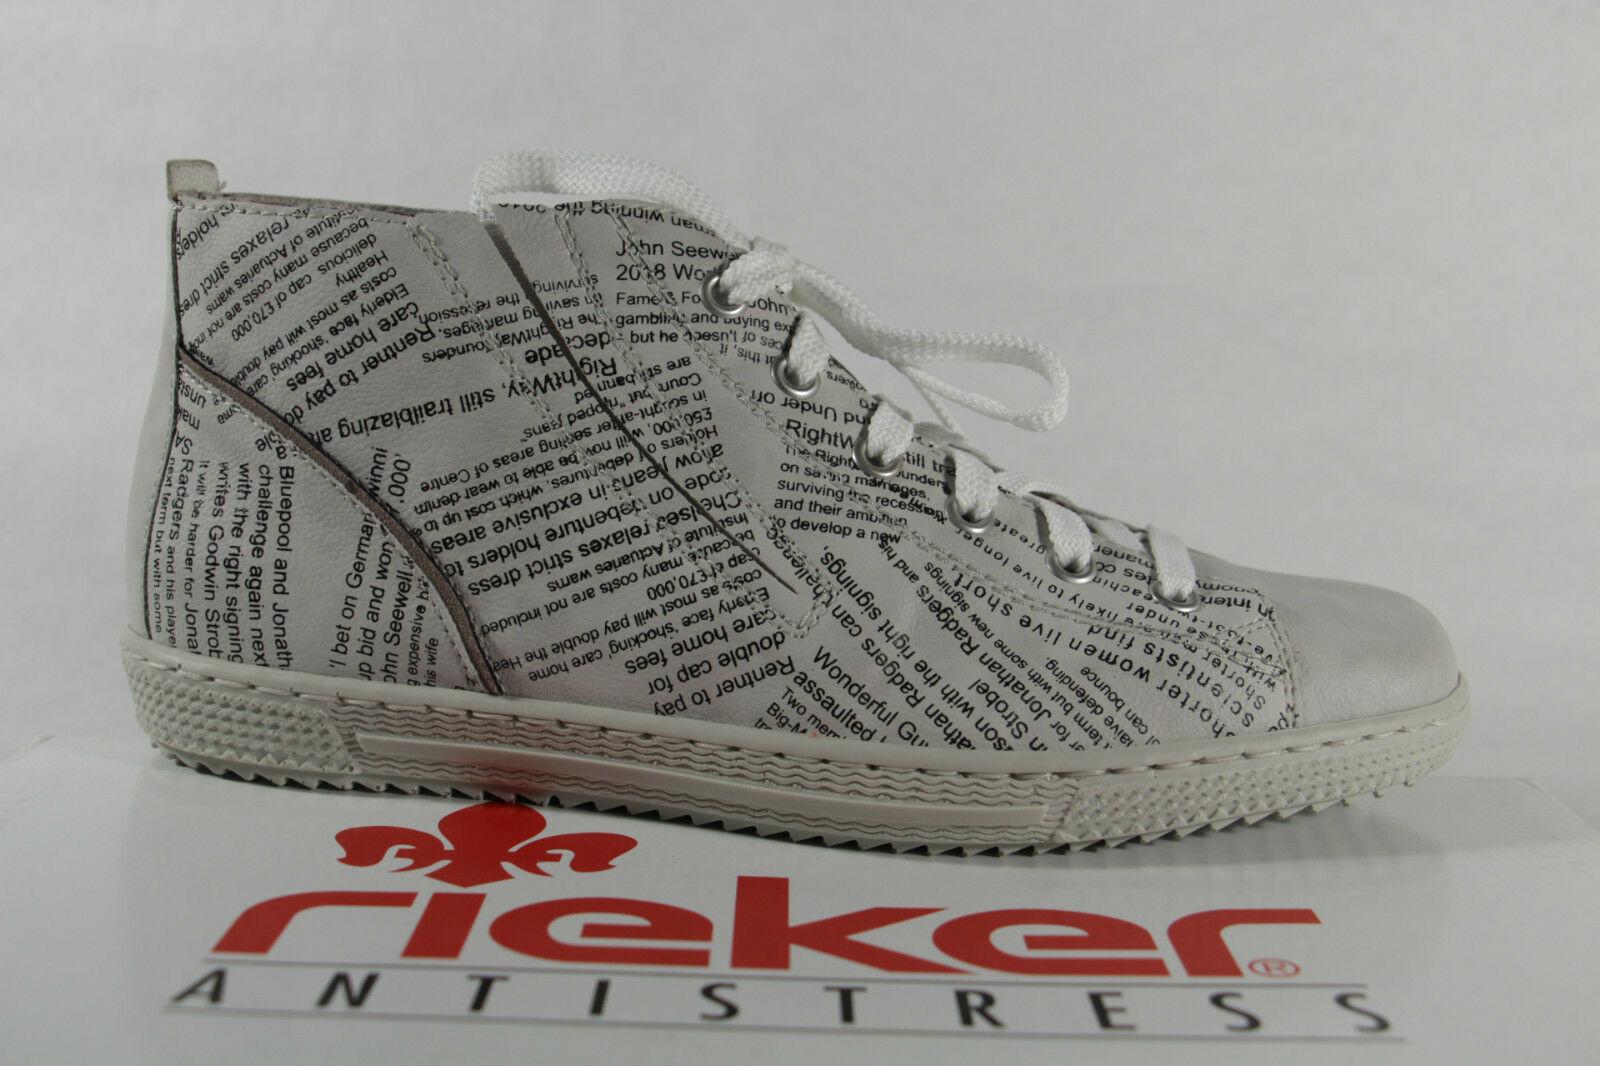 info for 17c5d 0da52 Rieker Damen Schnürschuhe Sneakers Halbschuhe ice (weiß), Wechselfußbett,  NEU!